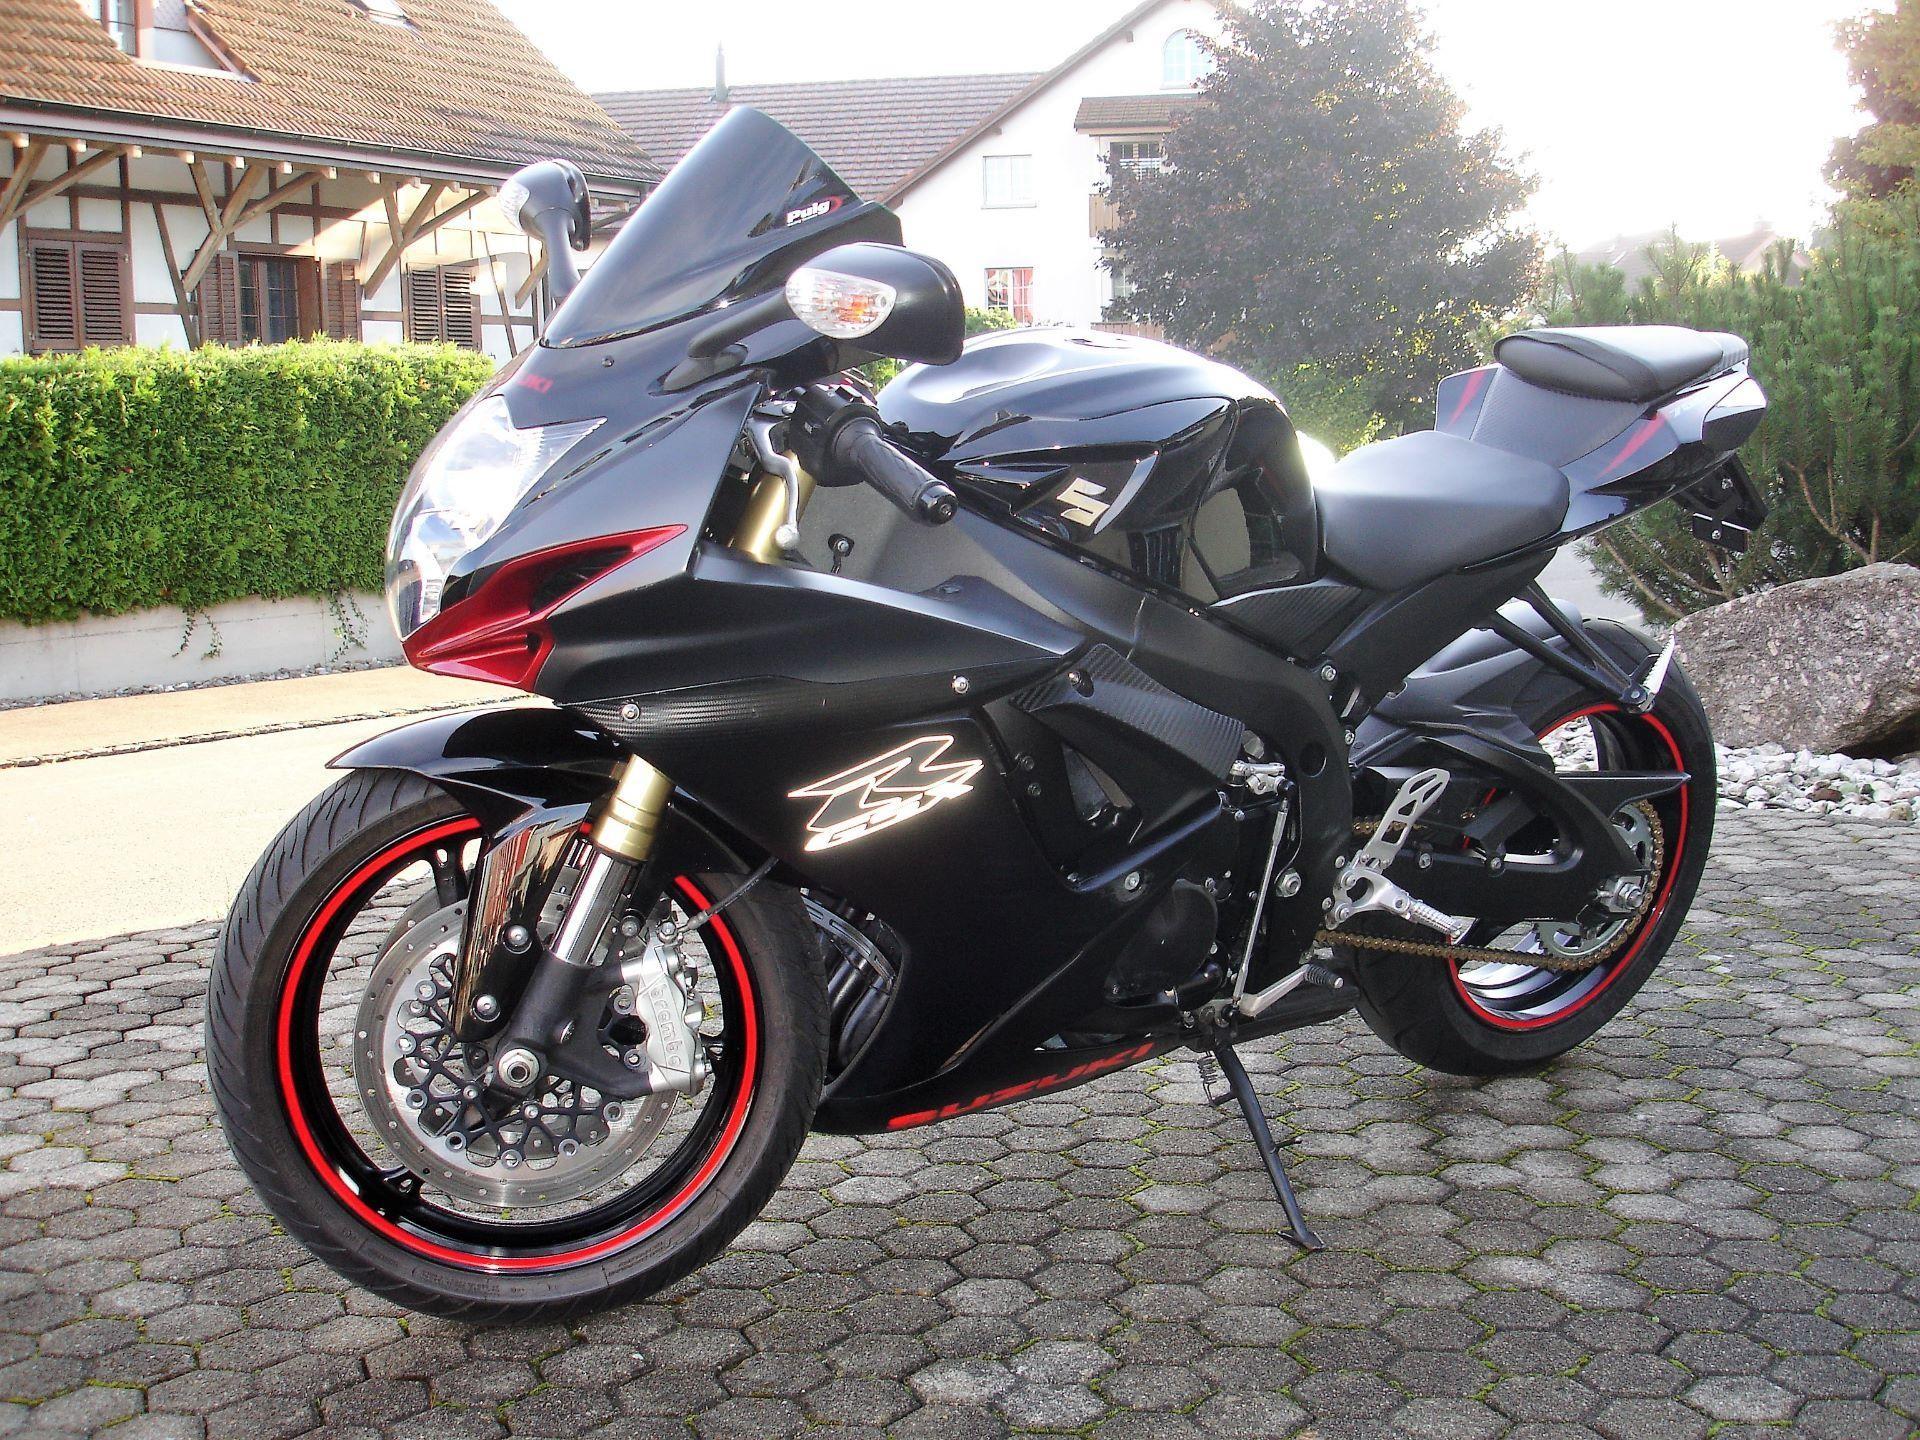 motorrad occasion kaufen suzuki gsx r 750 moto west waltenschwil. Black Bedroom Furniture Sets. Home Design Ideas